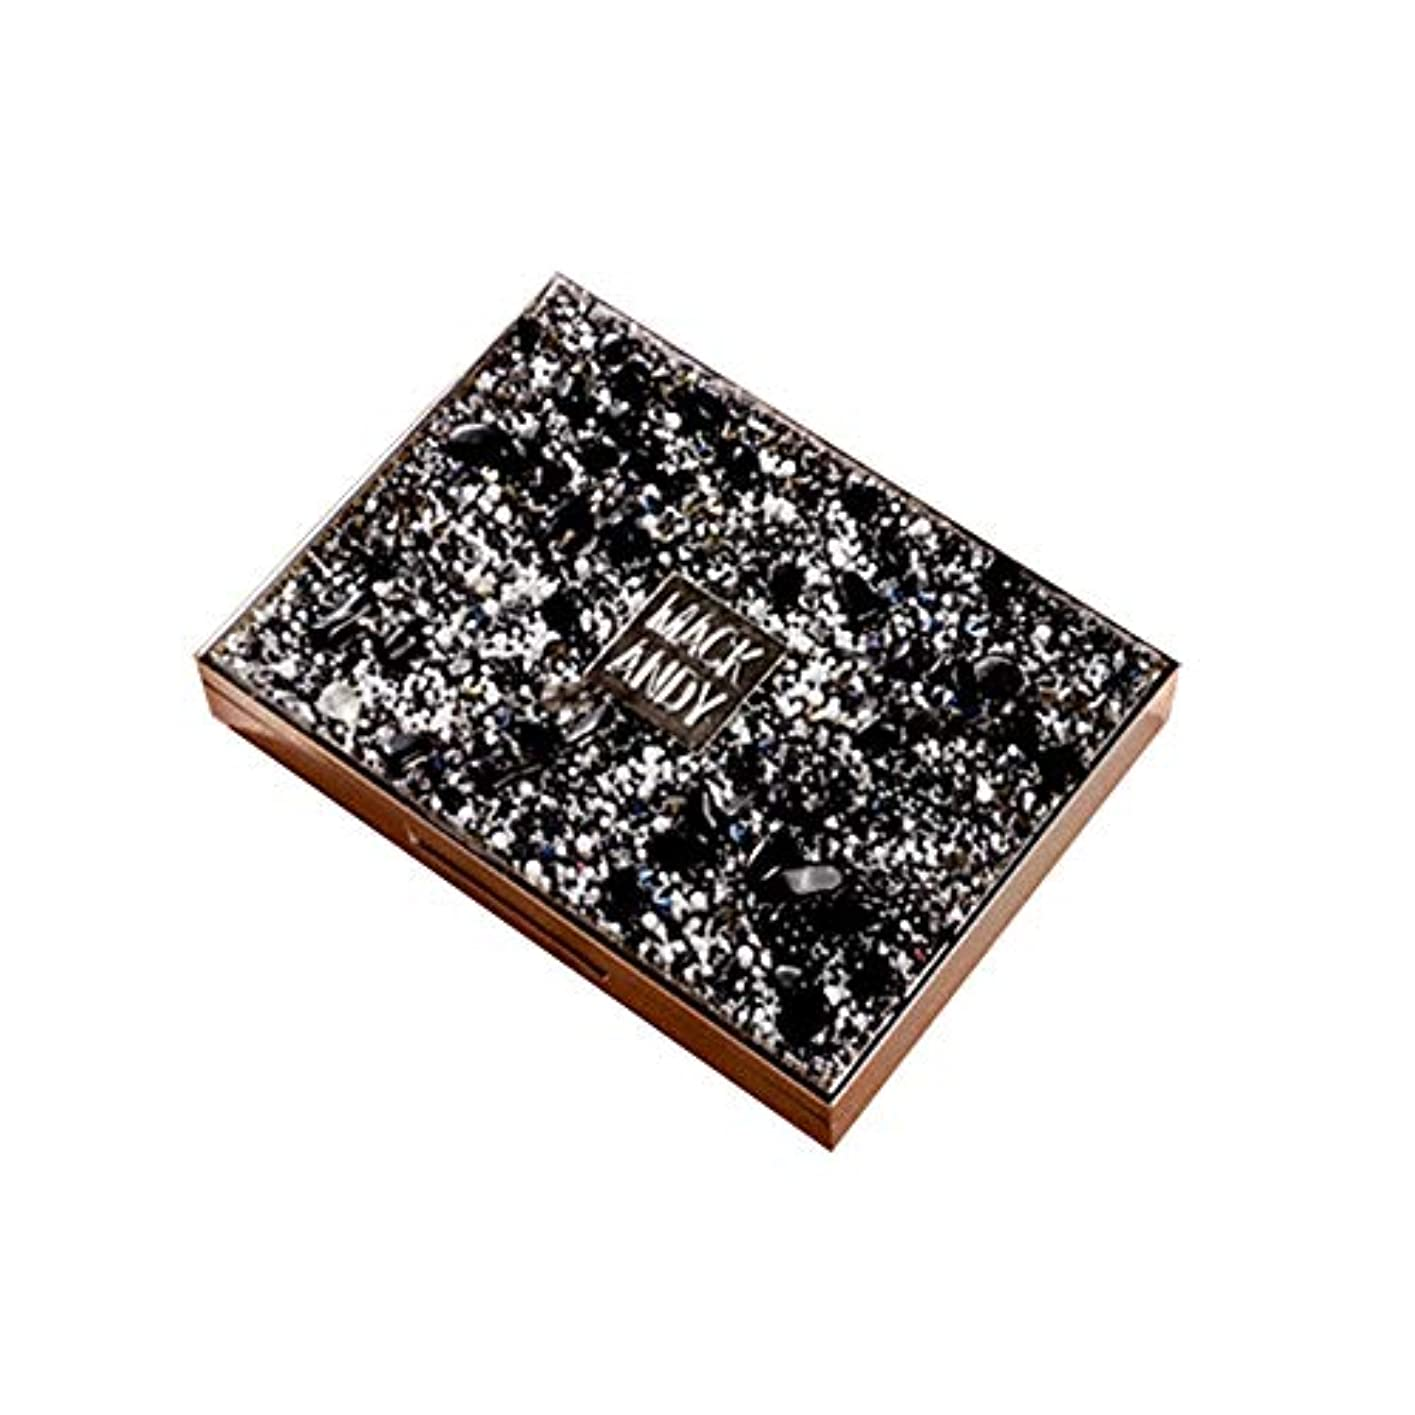 手伝う簡潔なストレッチEX-YUE 8色 アイシャドウ 人気 新作 極め細かい 真珠 光沢 アイシャドウパレット ハイライト ナチュラル マット 高発色 保湿成分 長時間 防水 大人気 通勤 通学 初心者 日常化粧 (ブラック)